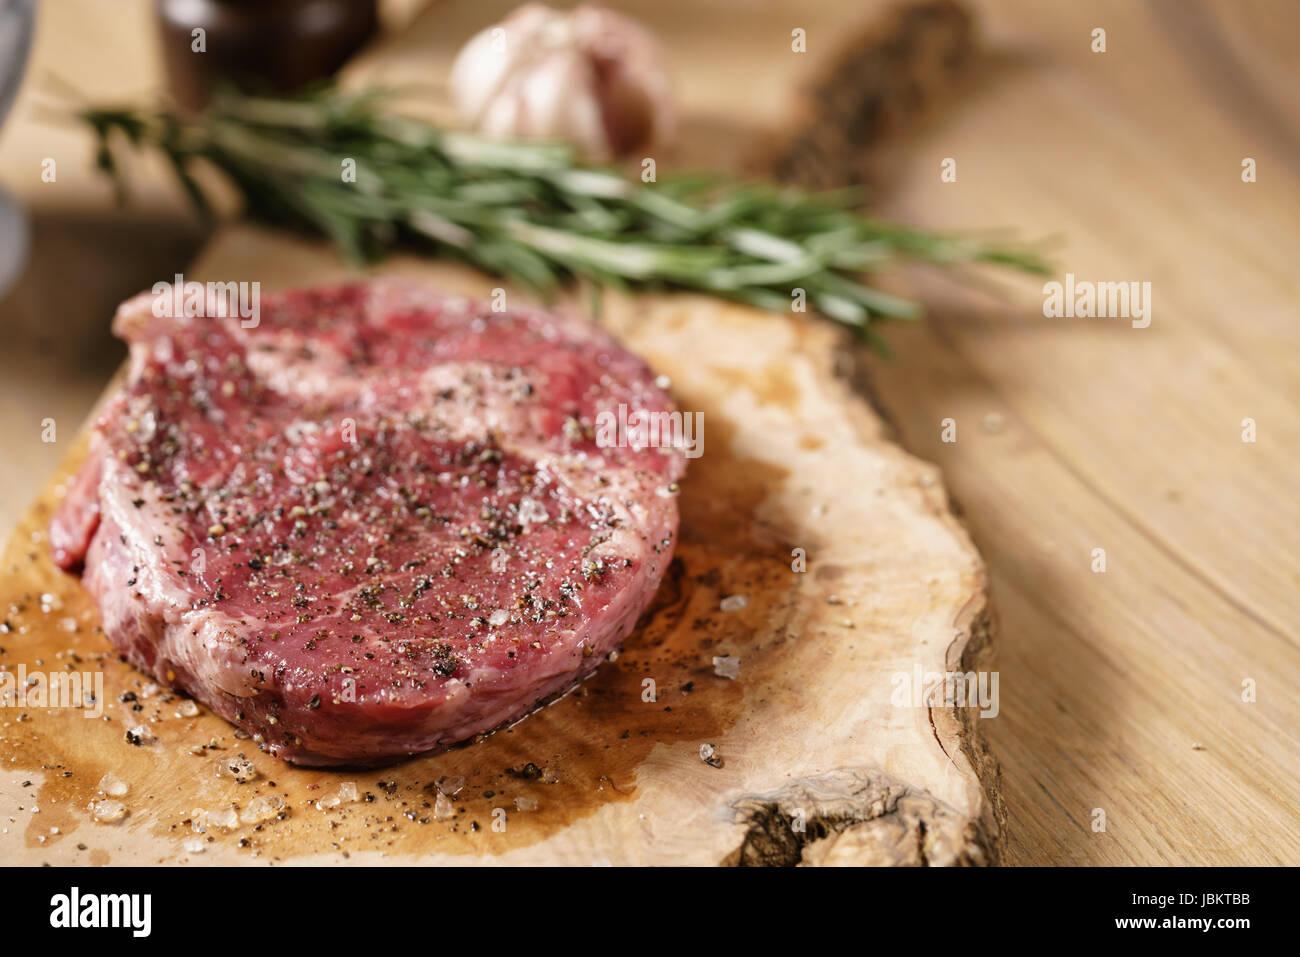 raw rib eye steak on board closeup - Stock Image